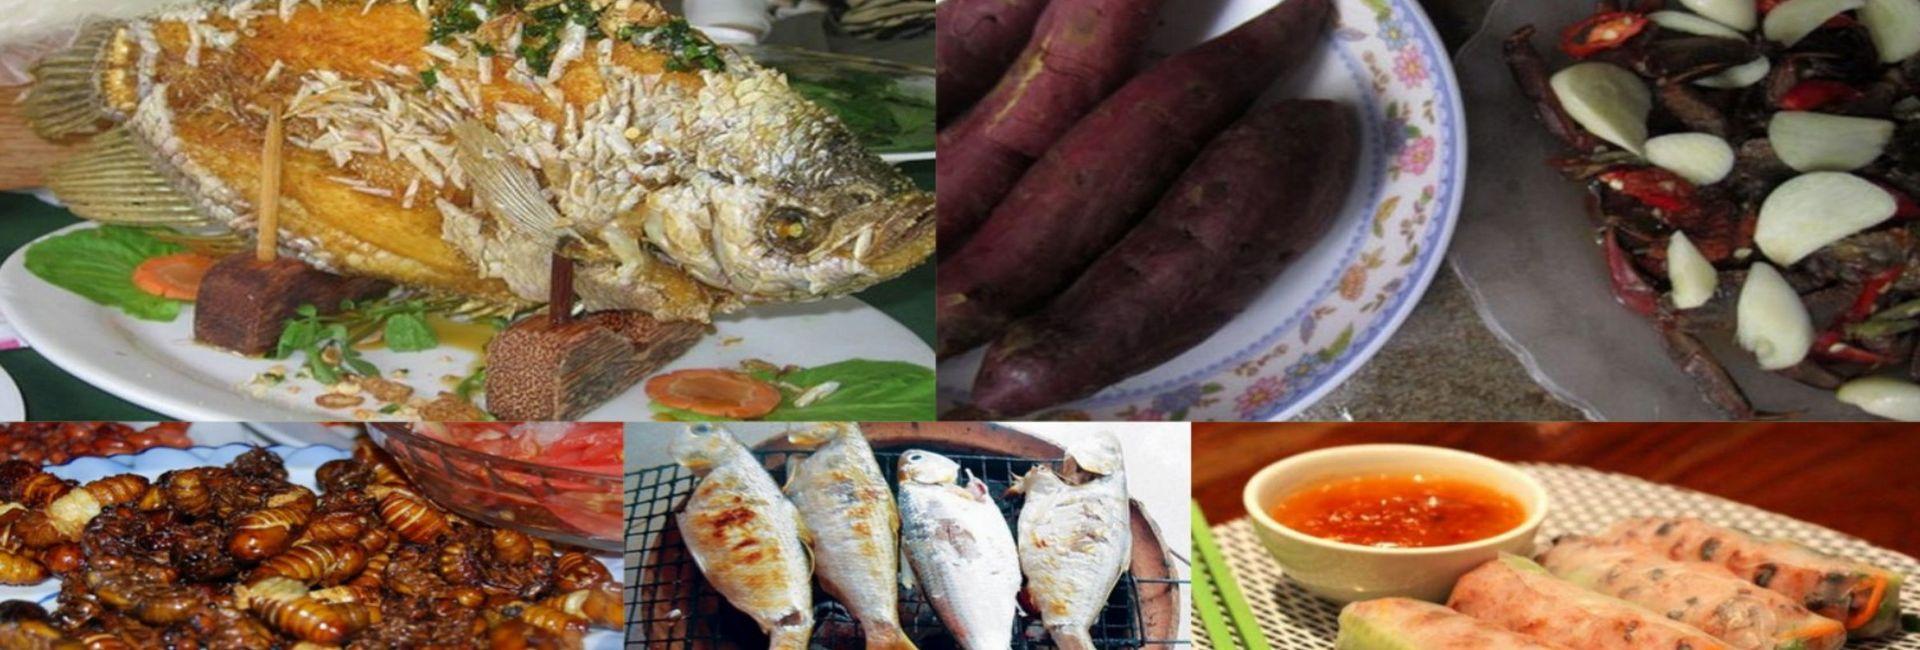 Top 7 món ăn ngon nổi tiếng tại Cần Thơ